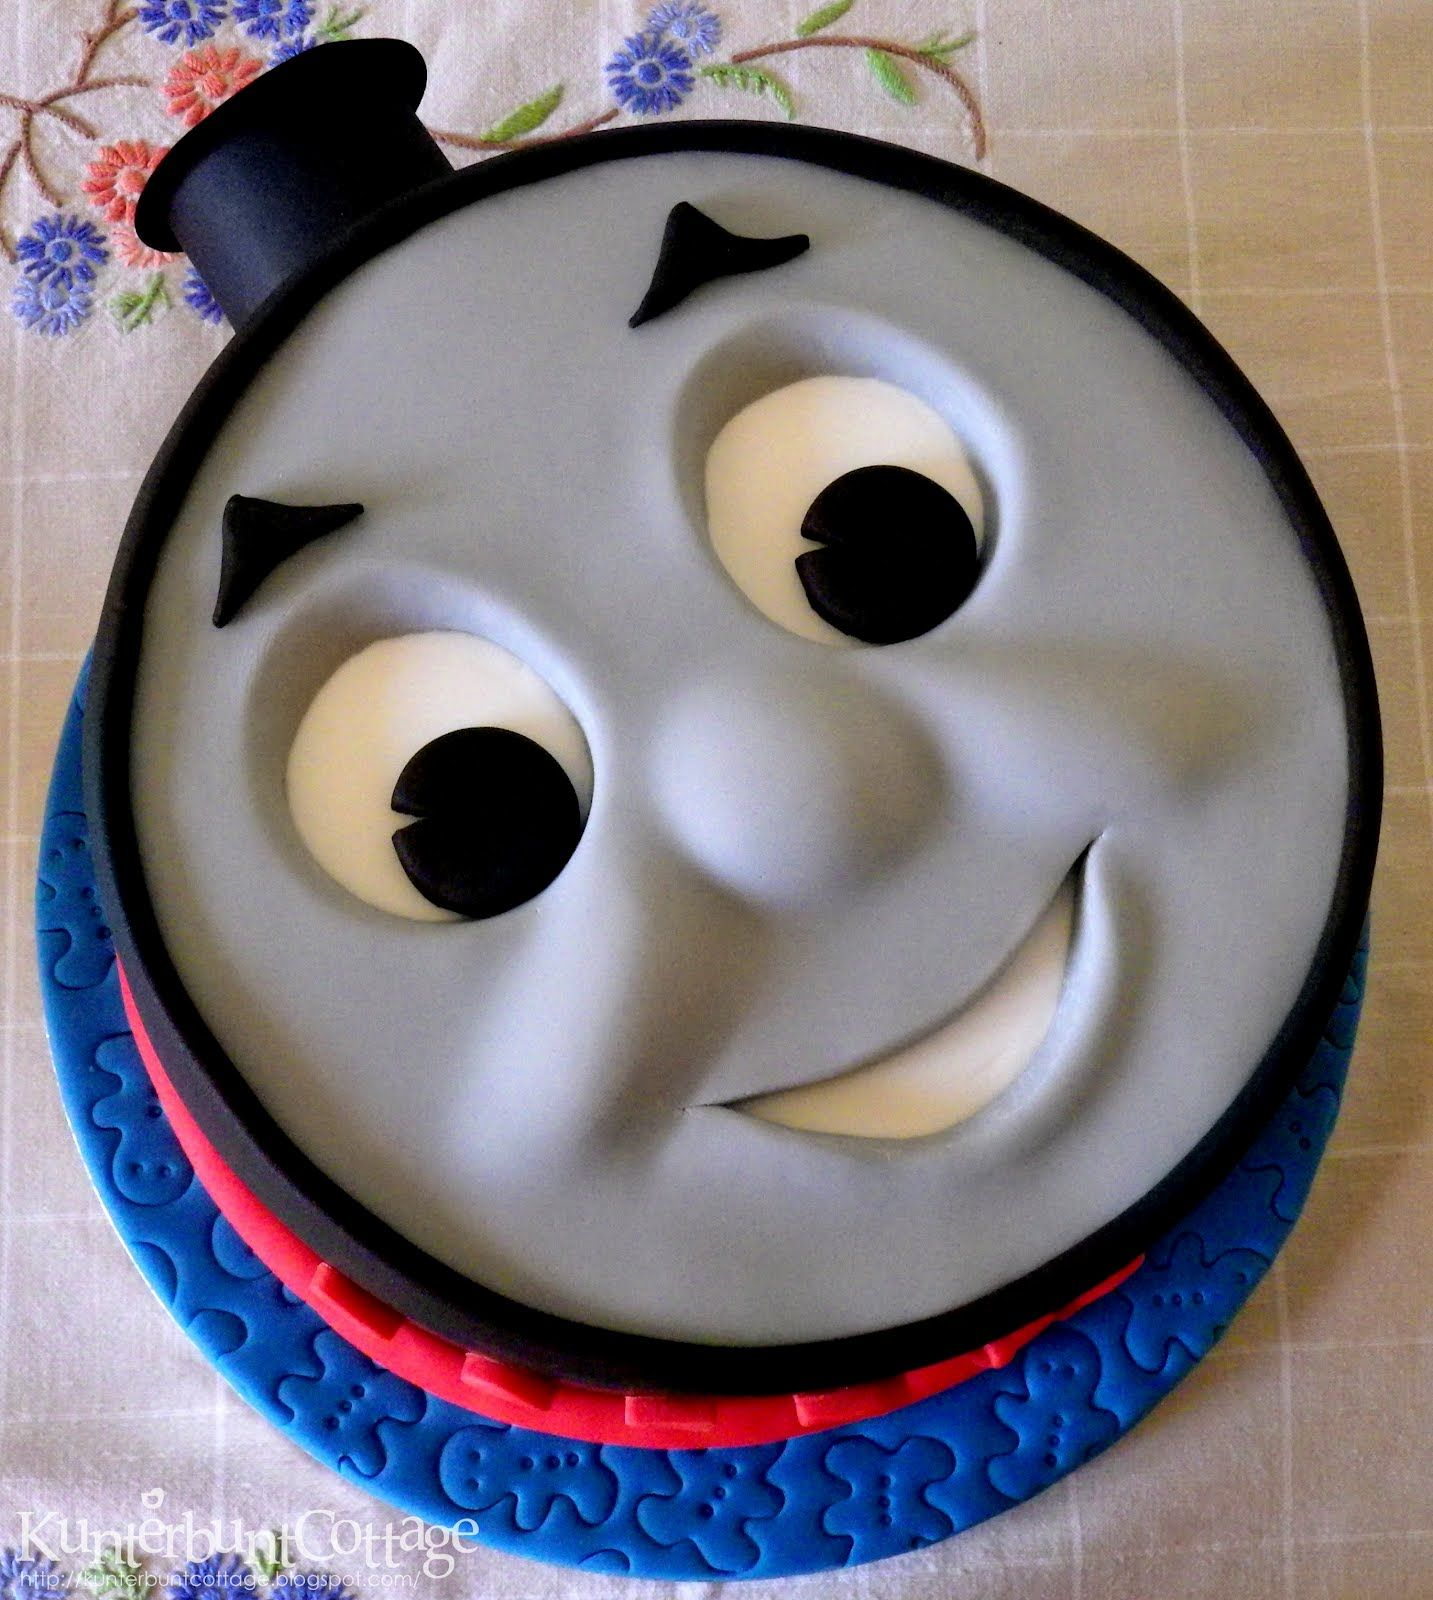 Thomas the tank cake for ollie thomas cakes pinterest cake thomas the tank cake for ollie pronofoot35fo Images